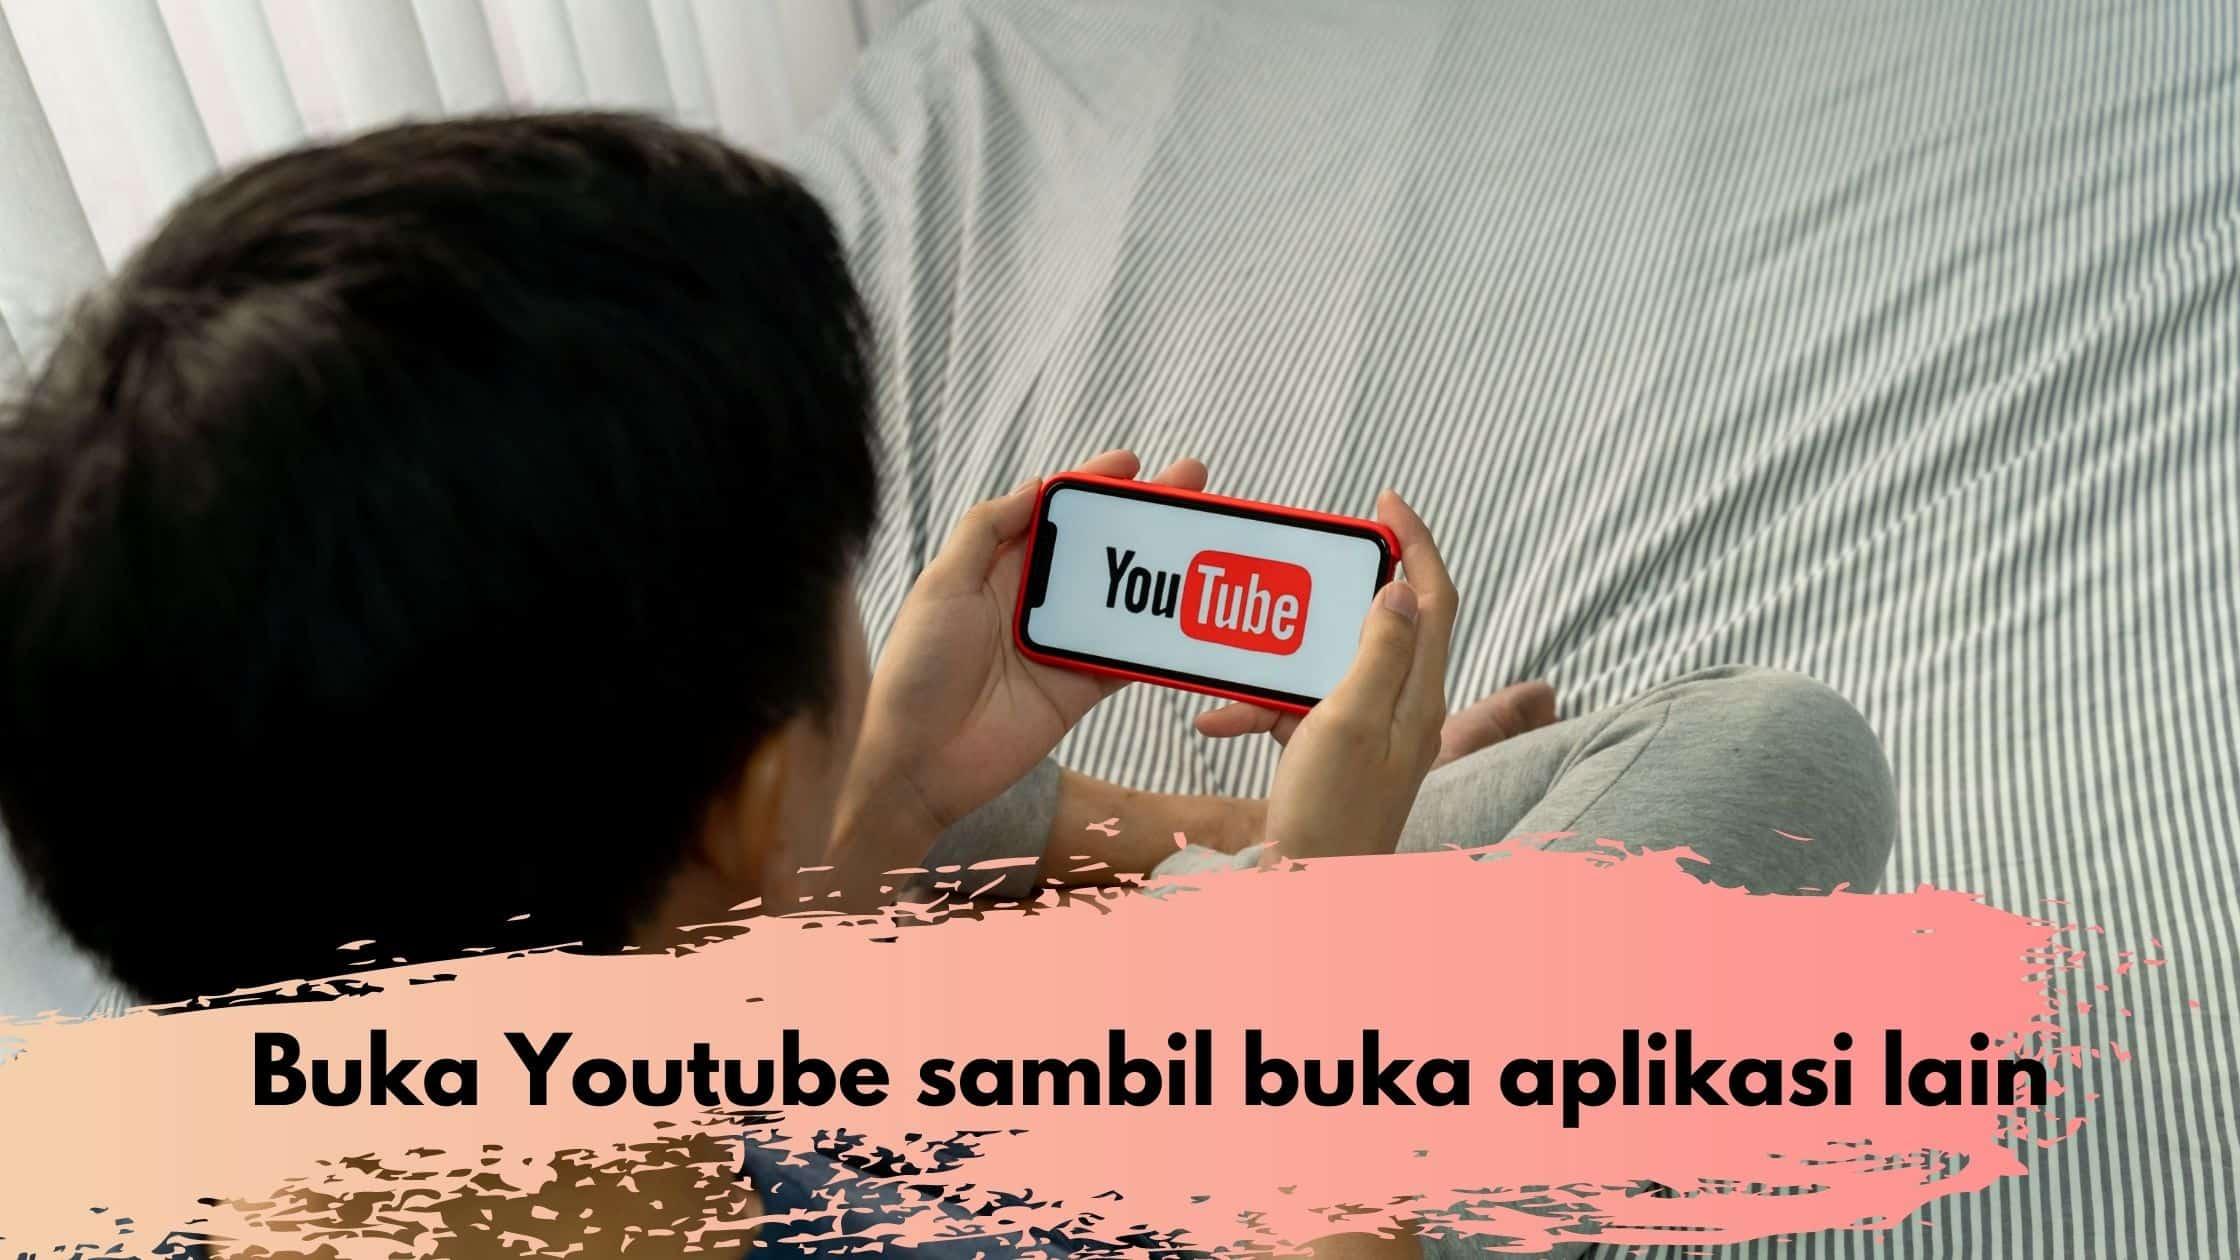 Buka Youtube sambil buka aplikasi lain